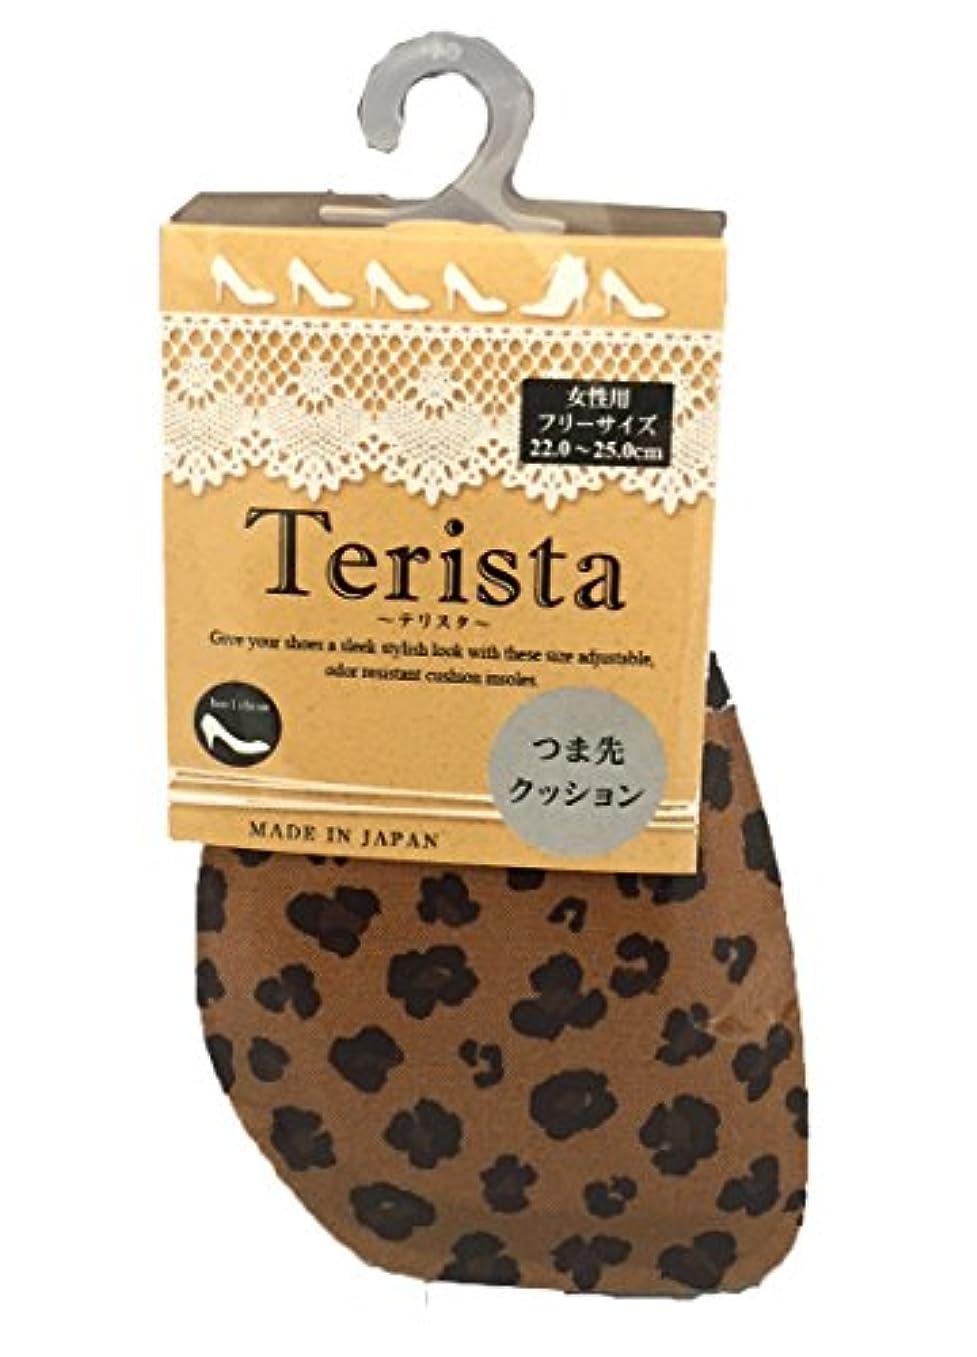 ピーク初期のアジアモリト テリスタ つま先クッション レオパード柄 女性用 22.0~25.0cm